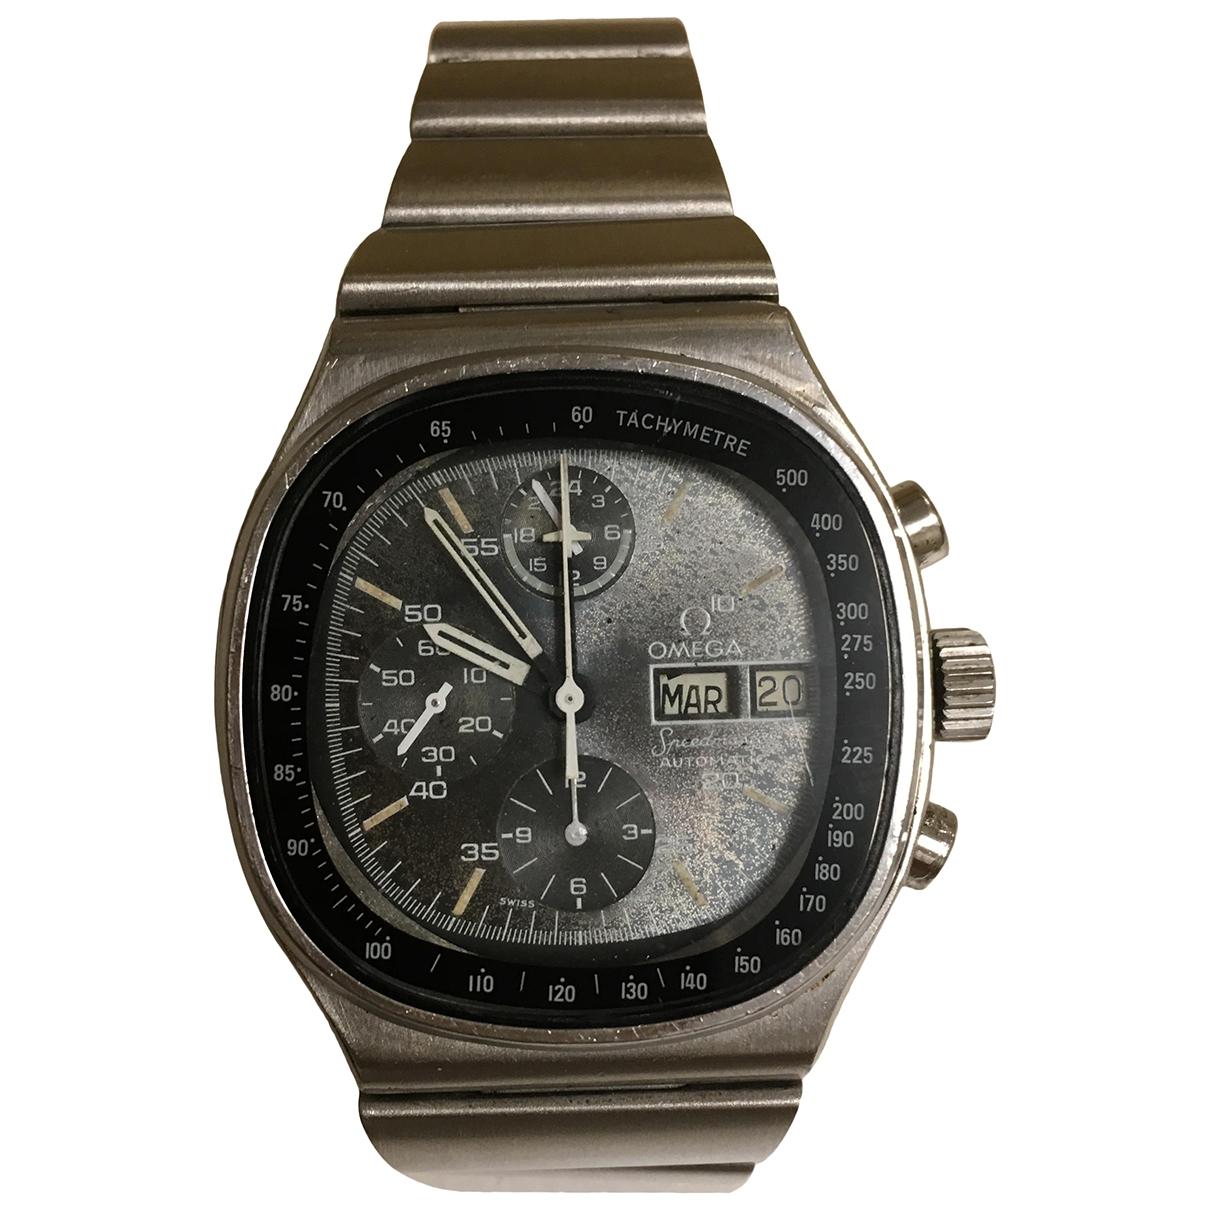 Relojes Speedmaster Omega